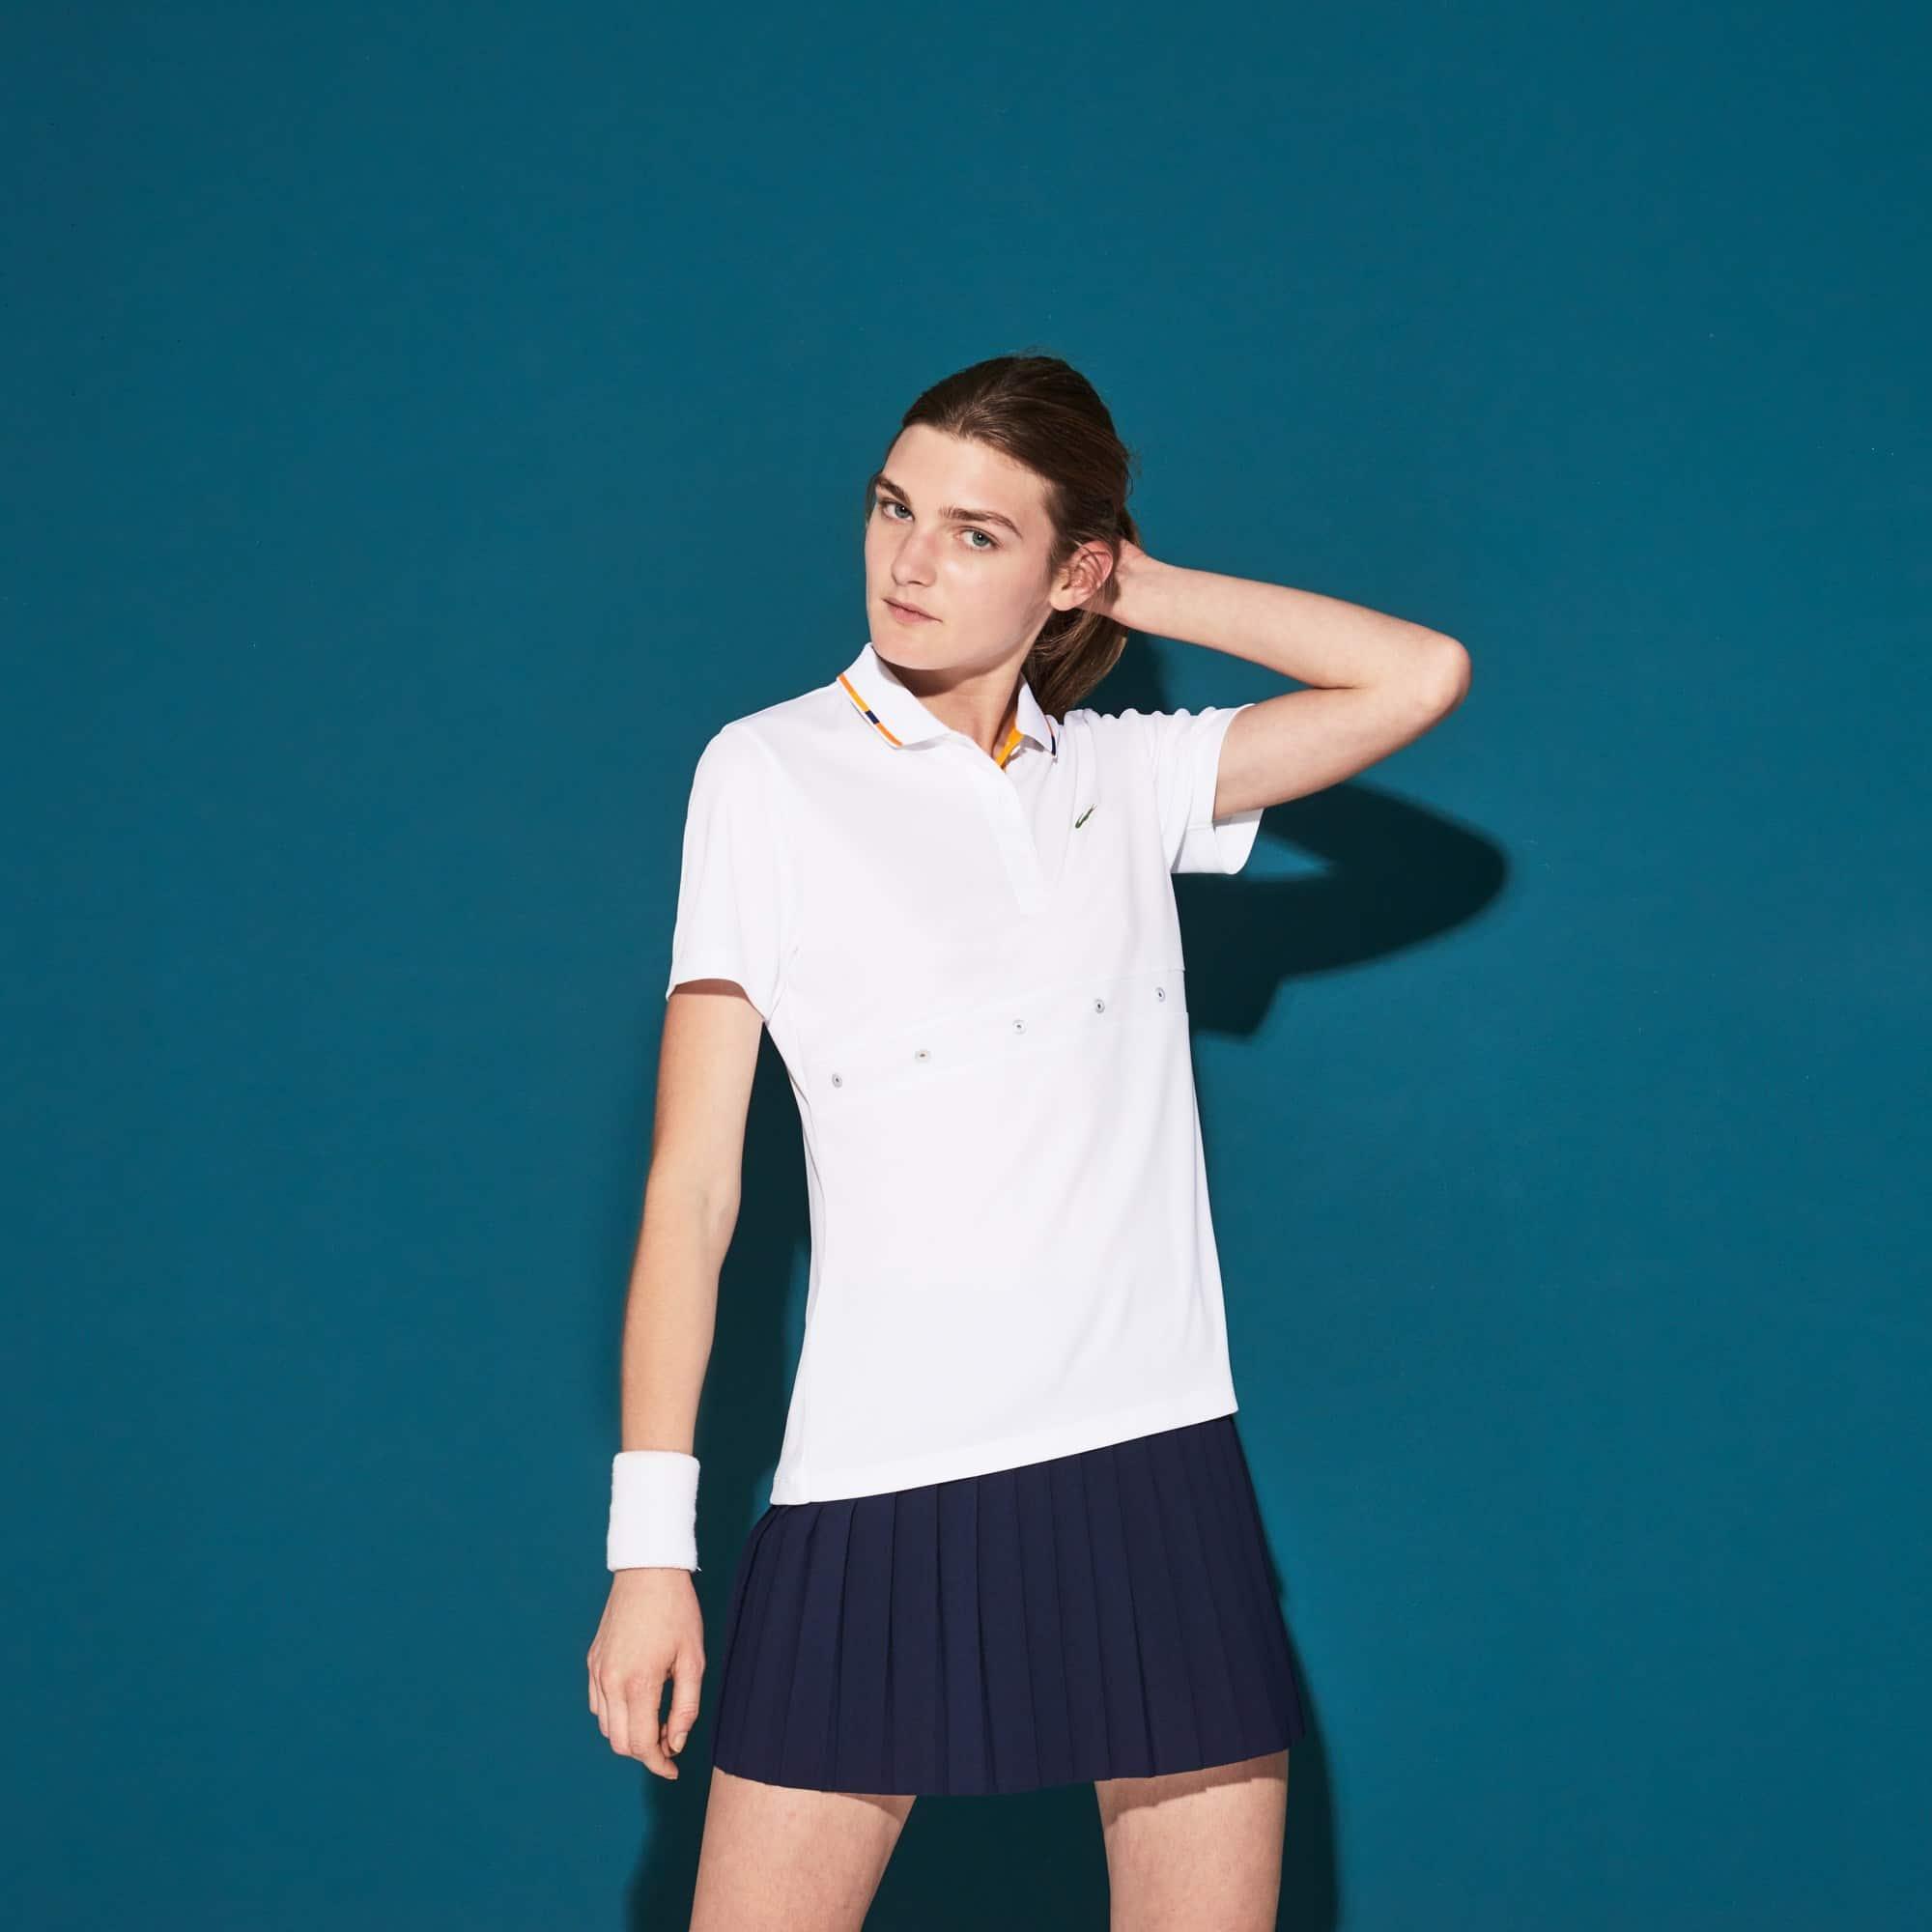 Lacoste SPORT Tennis-polo dames technisch piqué met contrasterende kraag